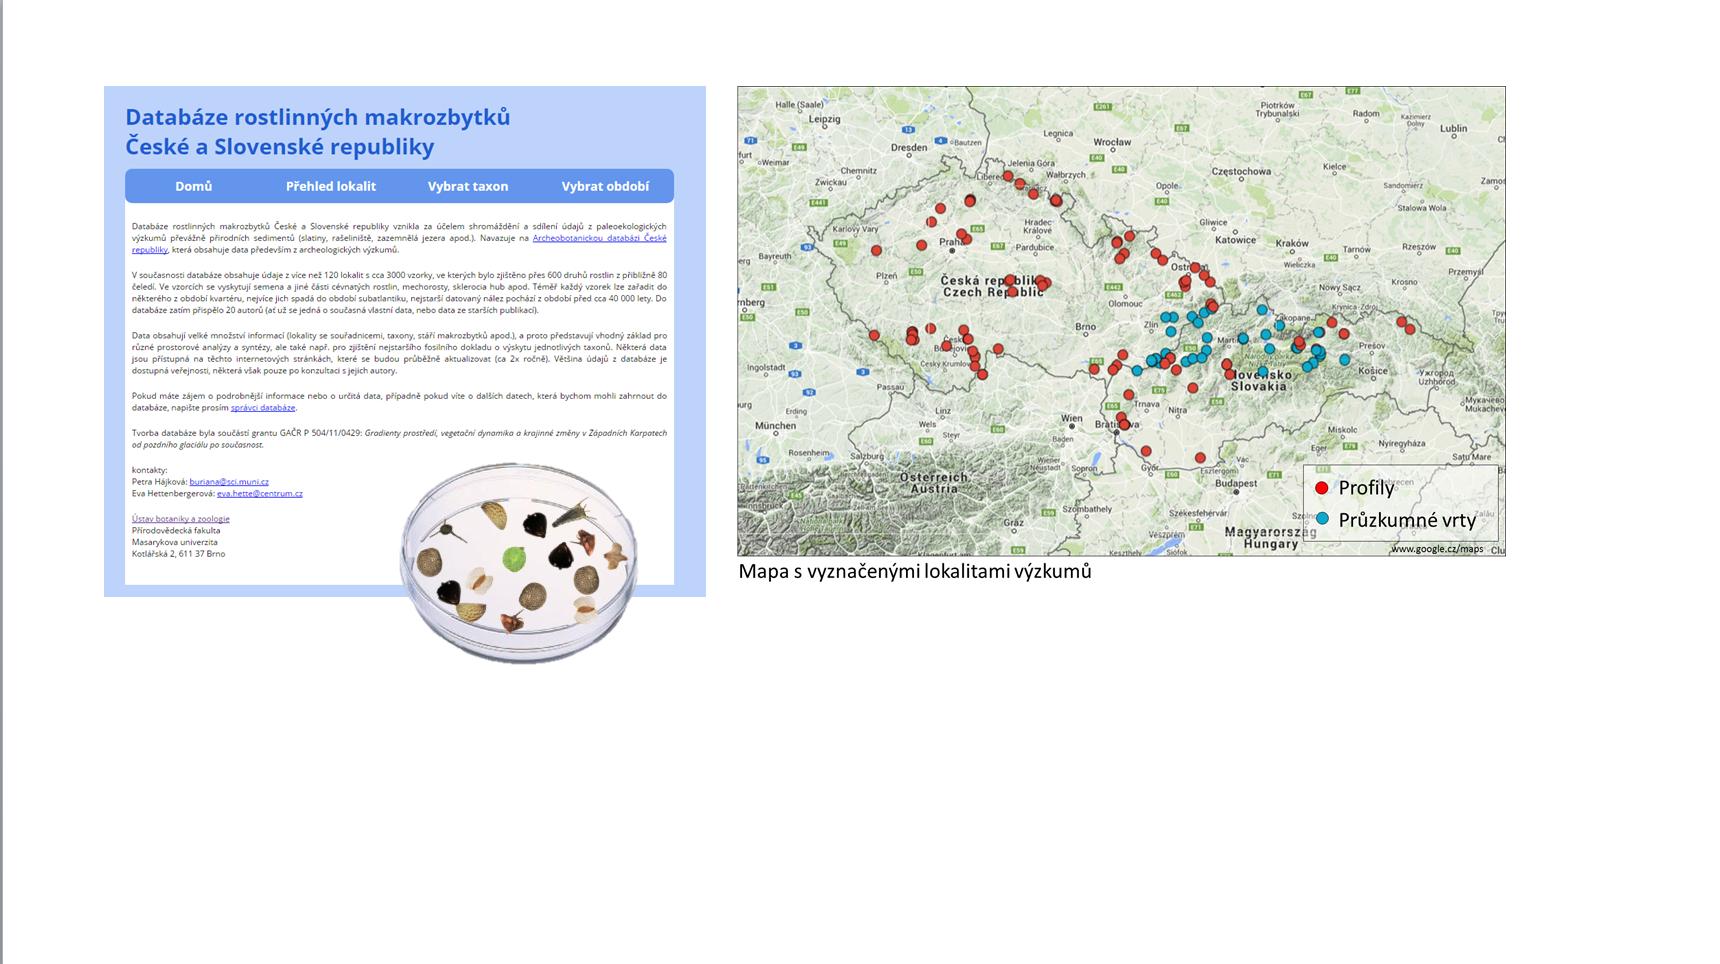 Databáze rostlinných makrozbytků České a Slovenské republiky / Database of plant macrofossils of Czech Republic and Slovakia